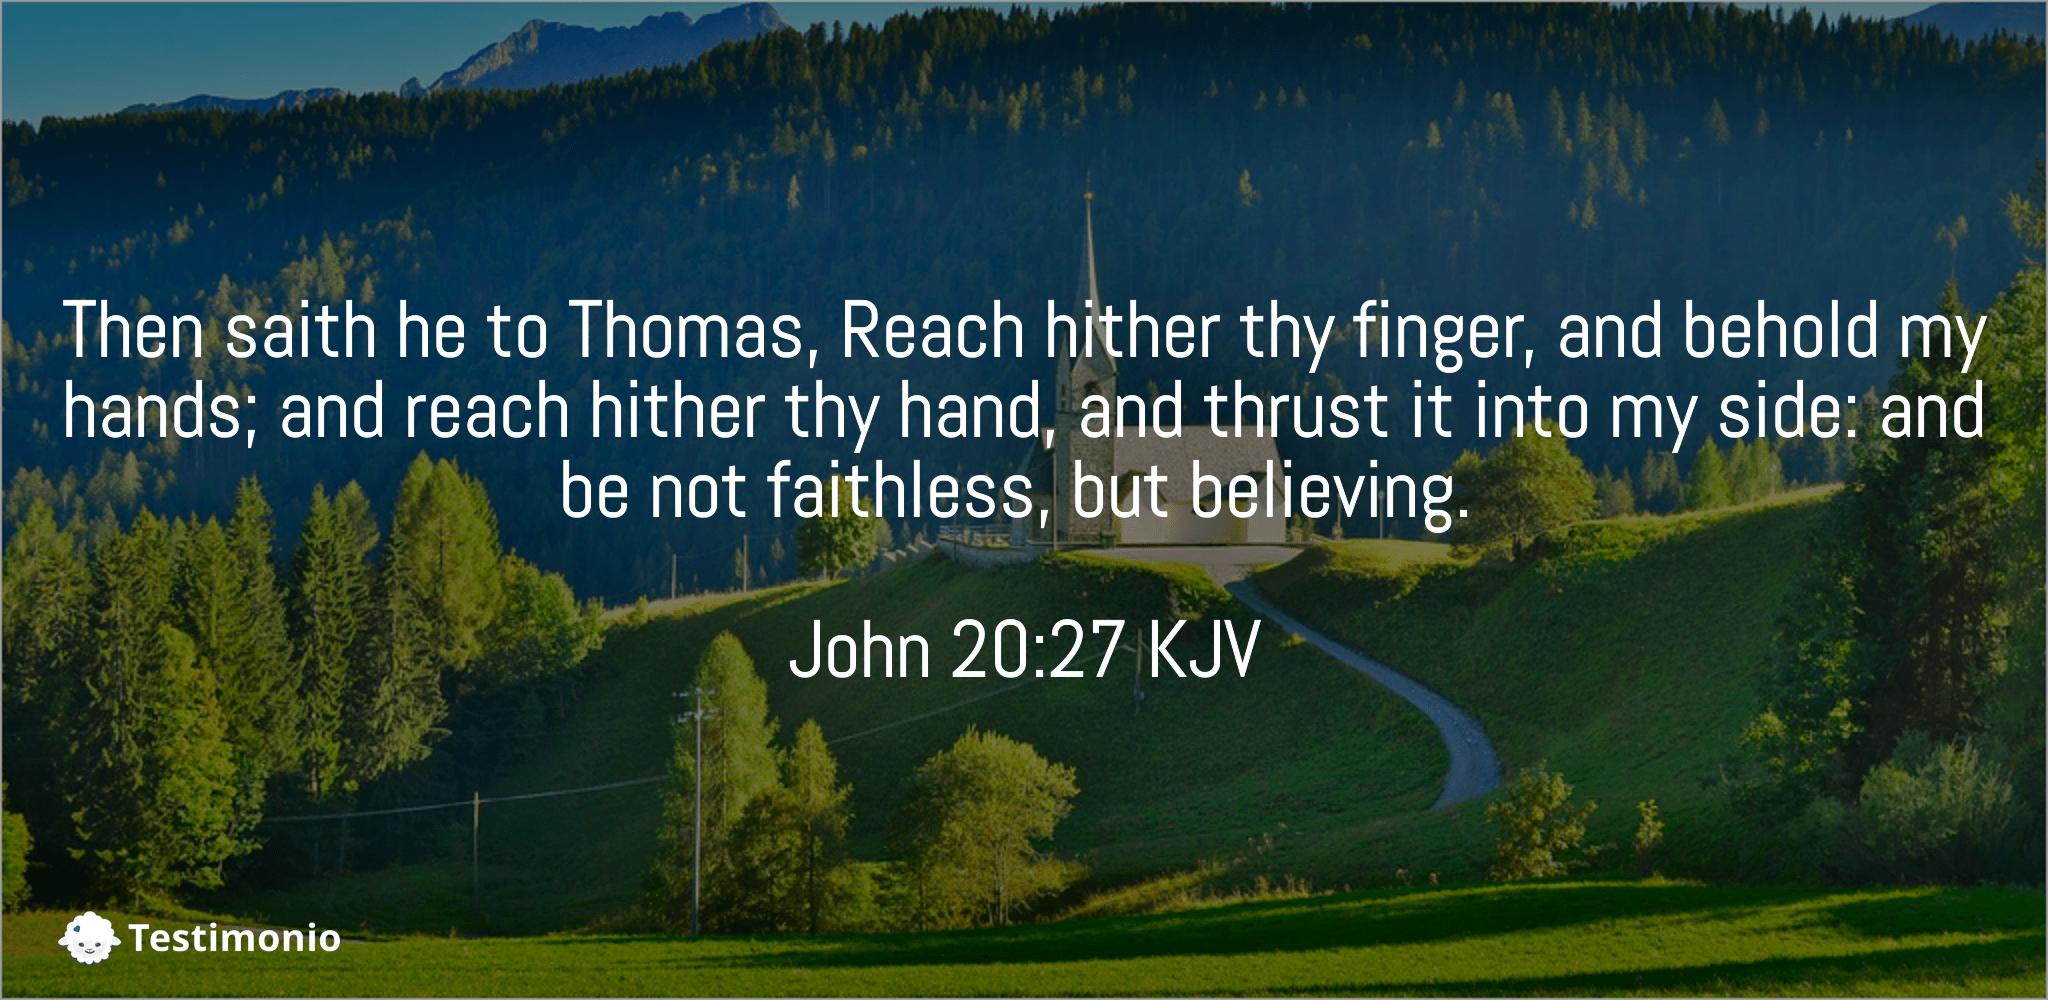 John 20:27